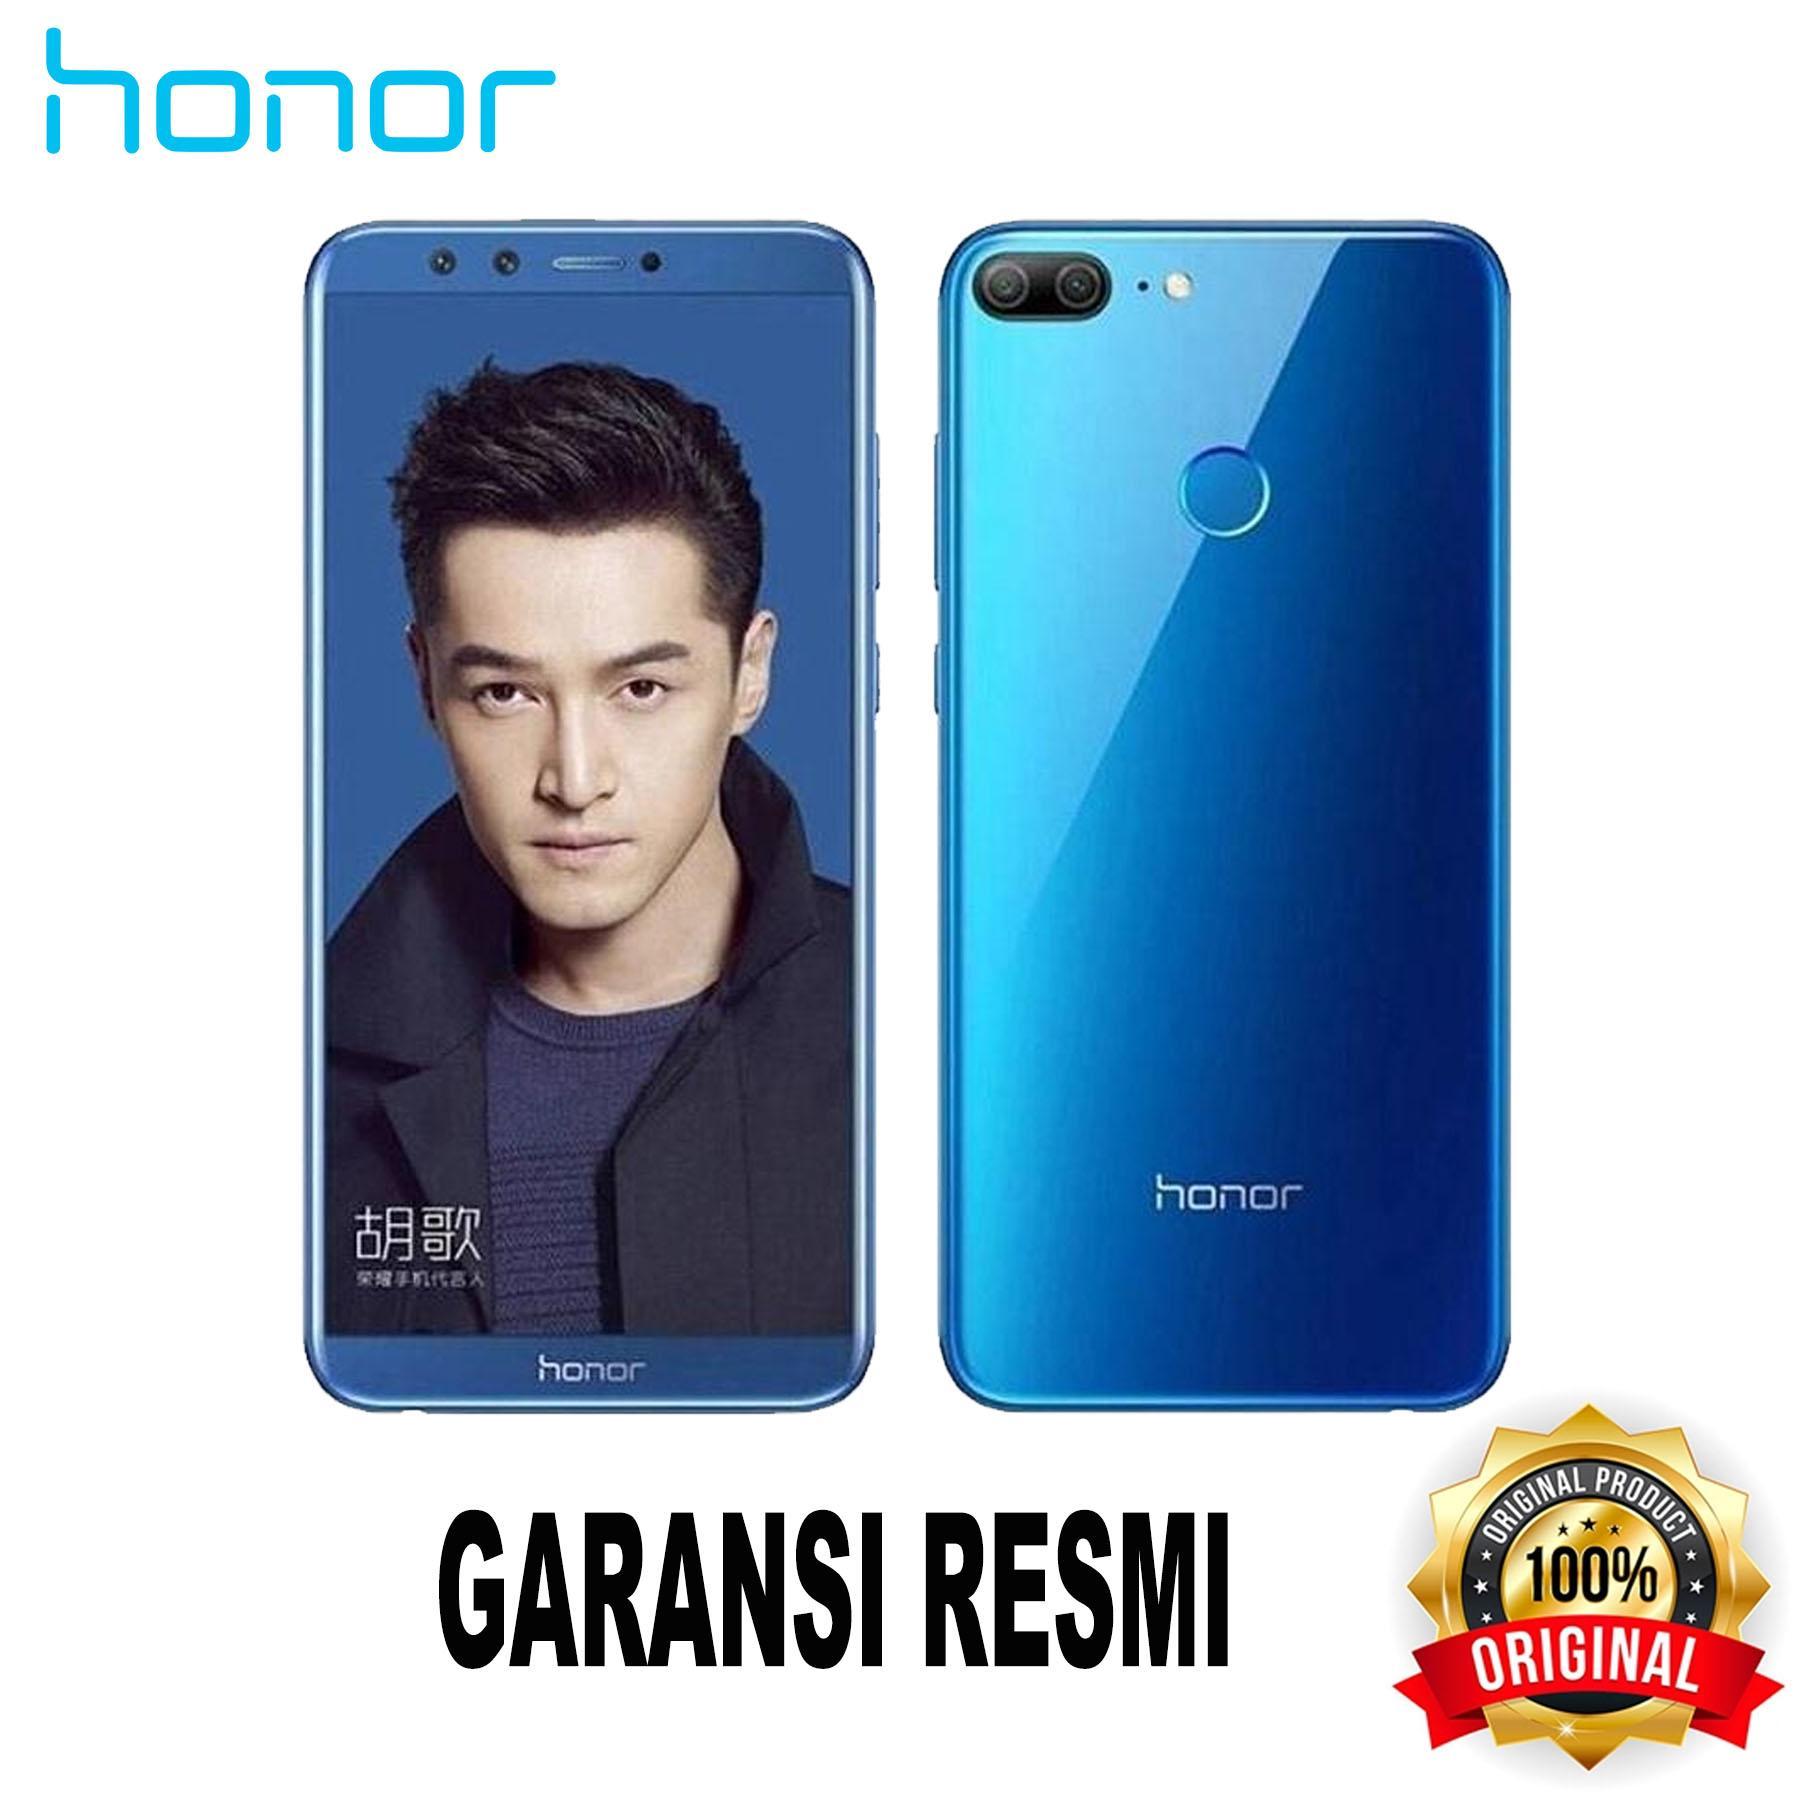 Honor 9 Lite - 3/32GB - 5,65In - Chipset Huawei Kirin 659 - Android 8.0 - Garansi Resmi